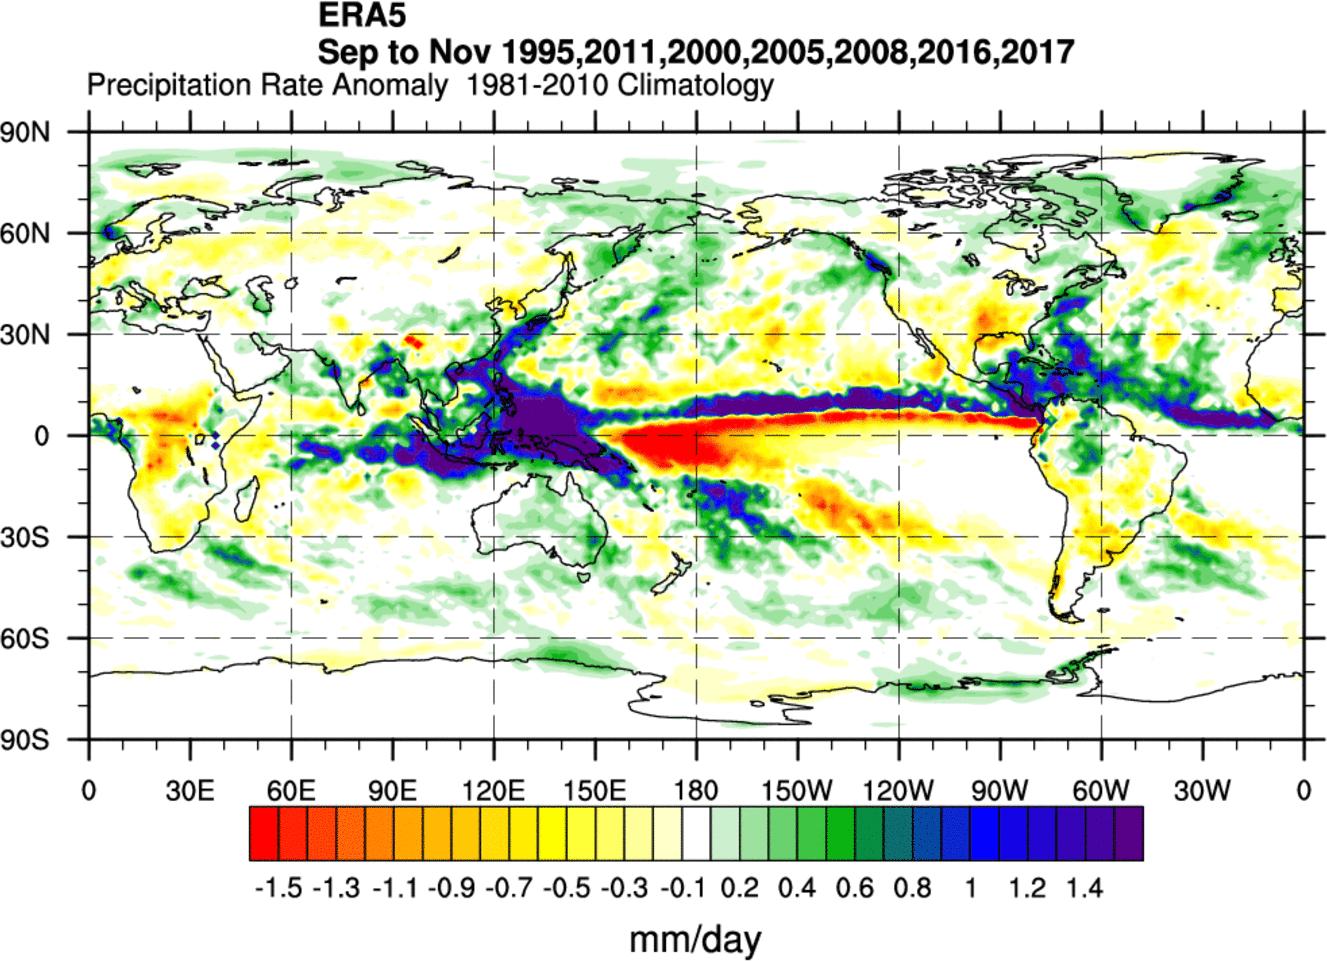 fall-forecast-la-nina-enso-historical-rainfall-anomaly